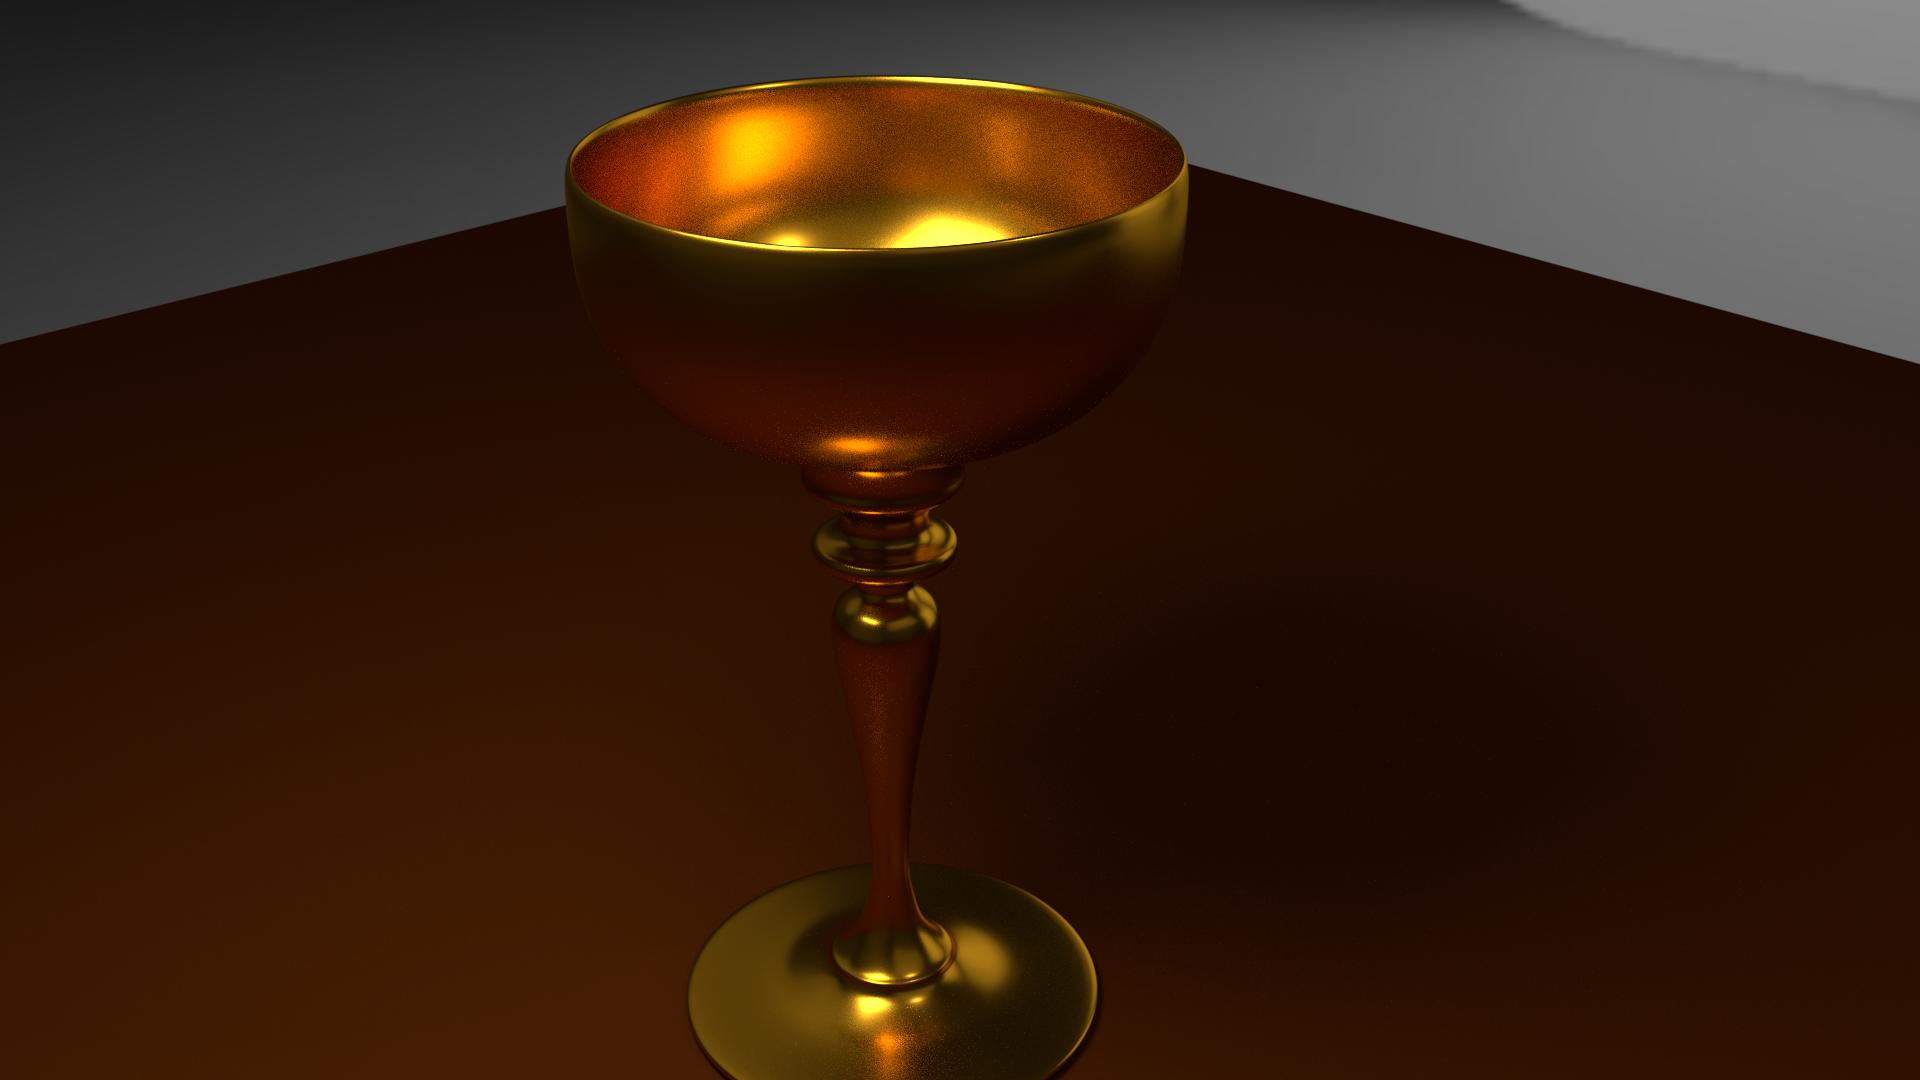 A shiny goblet